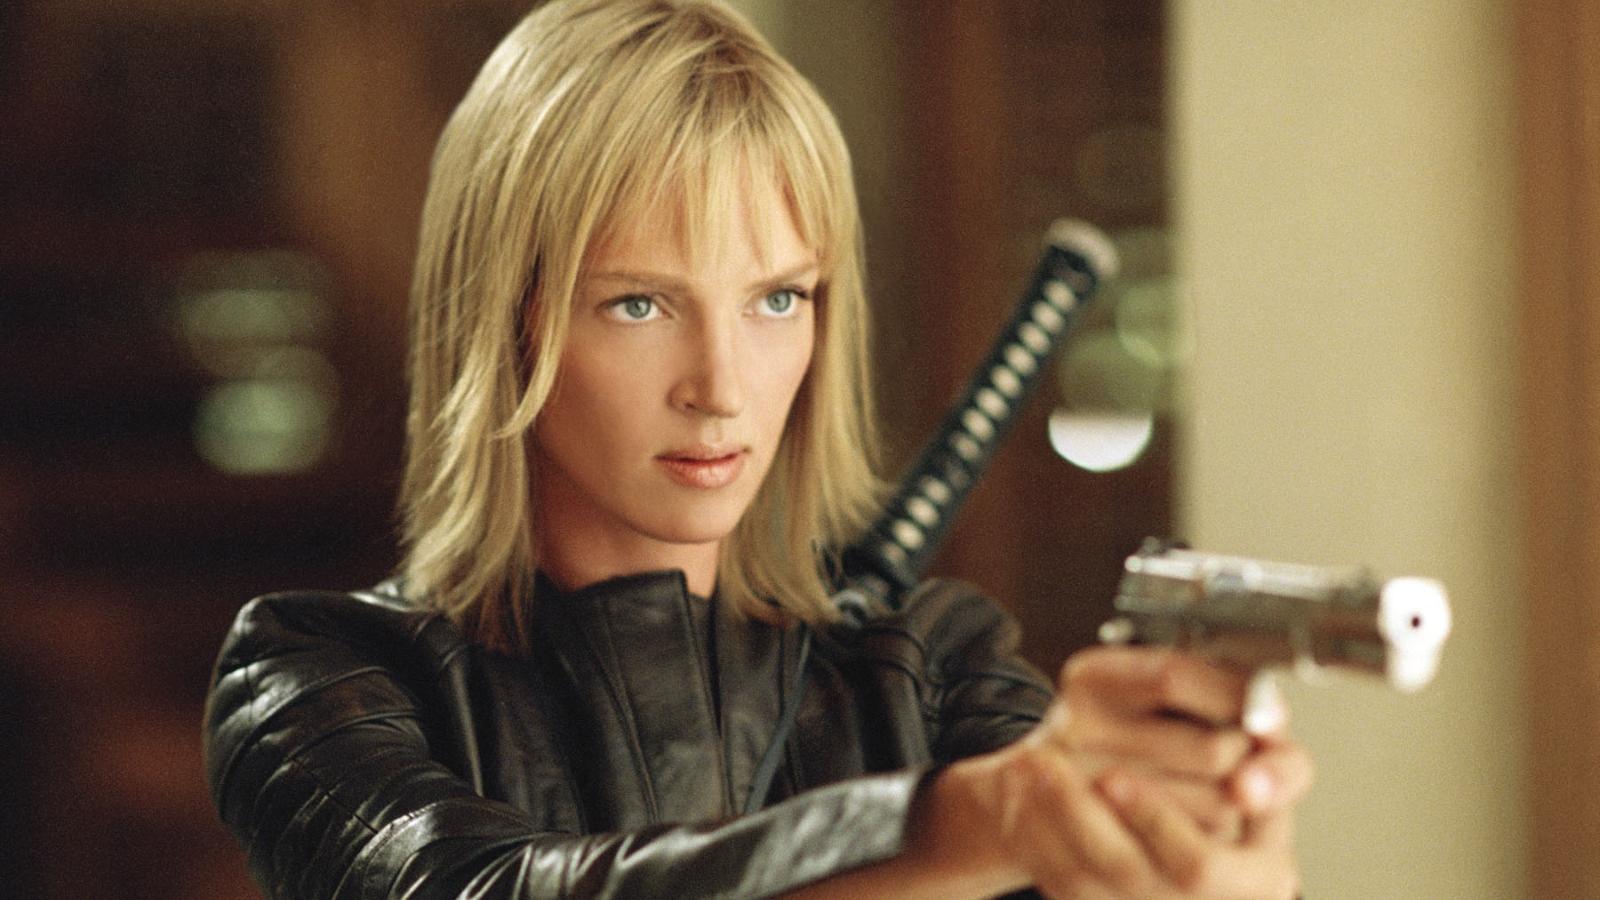 """Egészen a film végéig nem tudjuk meg Tarantino női főhősének nevét, mégis ő a """"leghalálosabb nő a világon"""", miután a vőlegényét megöli a volt szeretője, és ezért a """"Menyasszony"""" véres bosszúba kezd. (A Band Apart/Miramax/Kobal/Shutterstock)"""